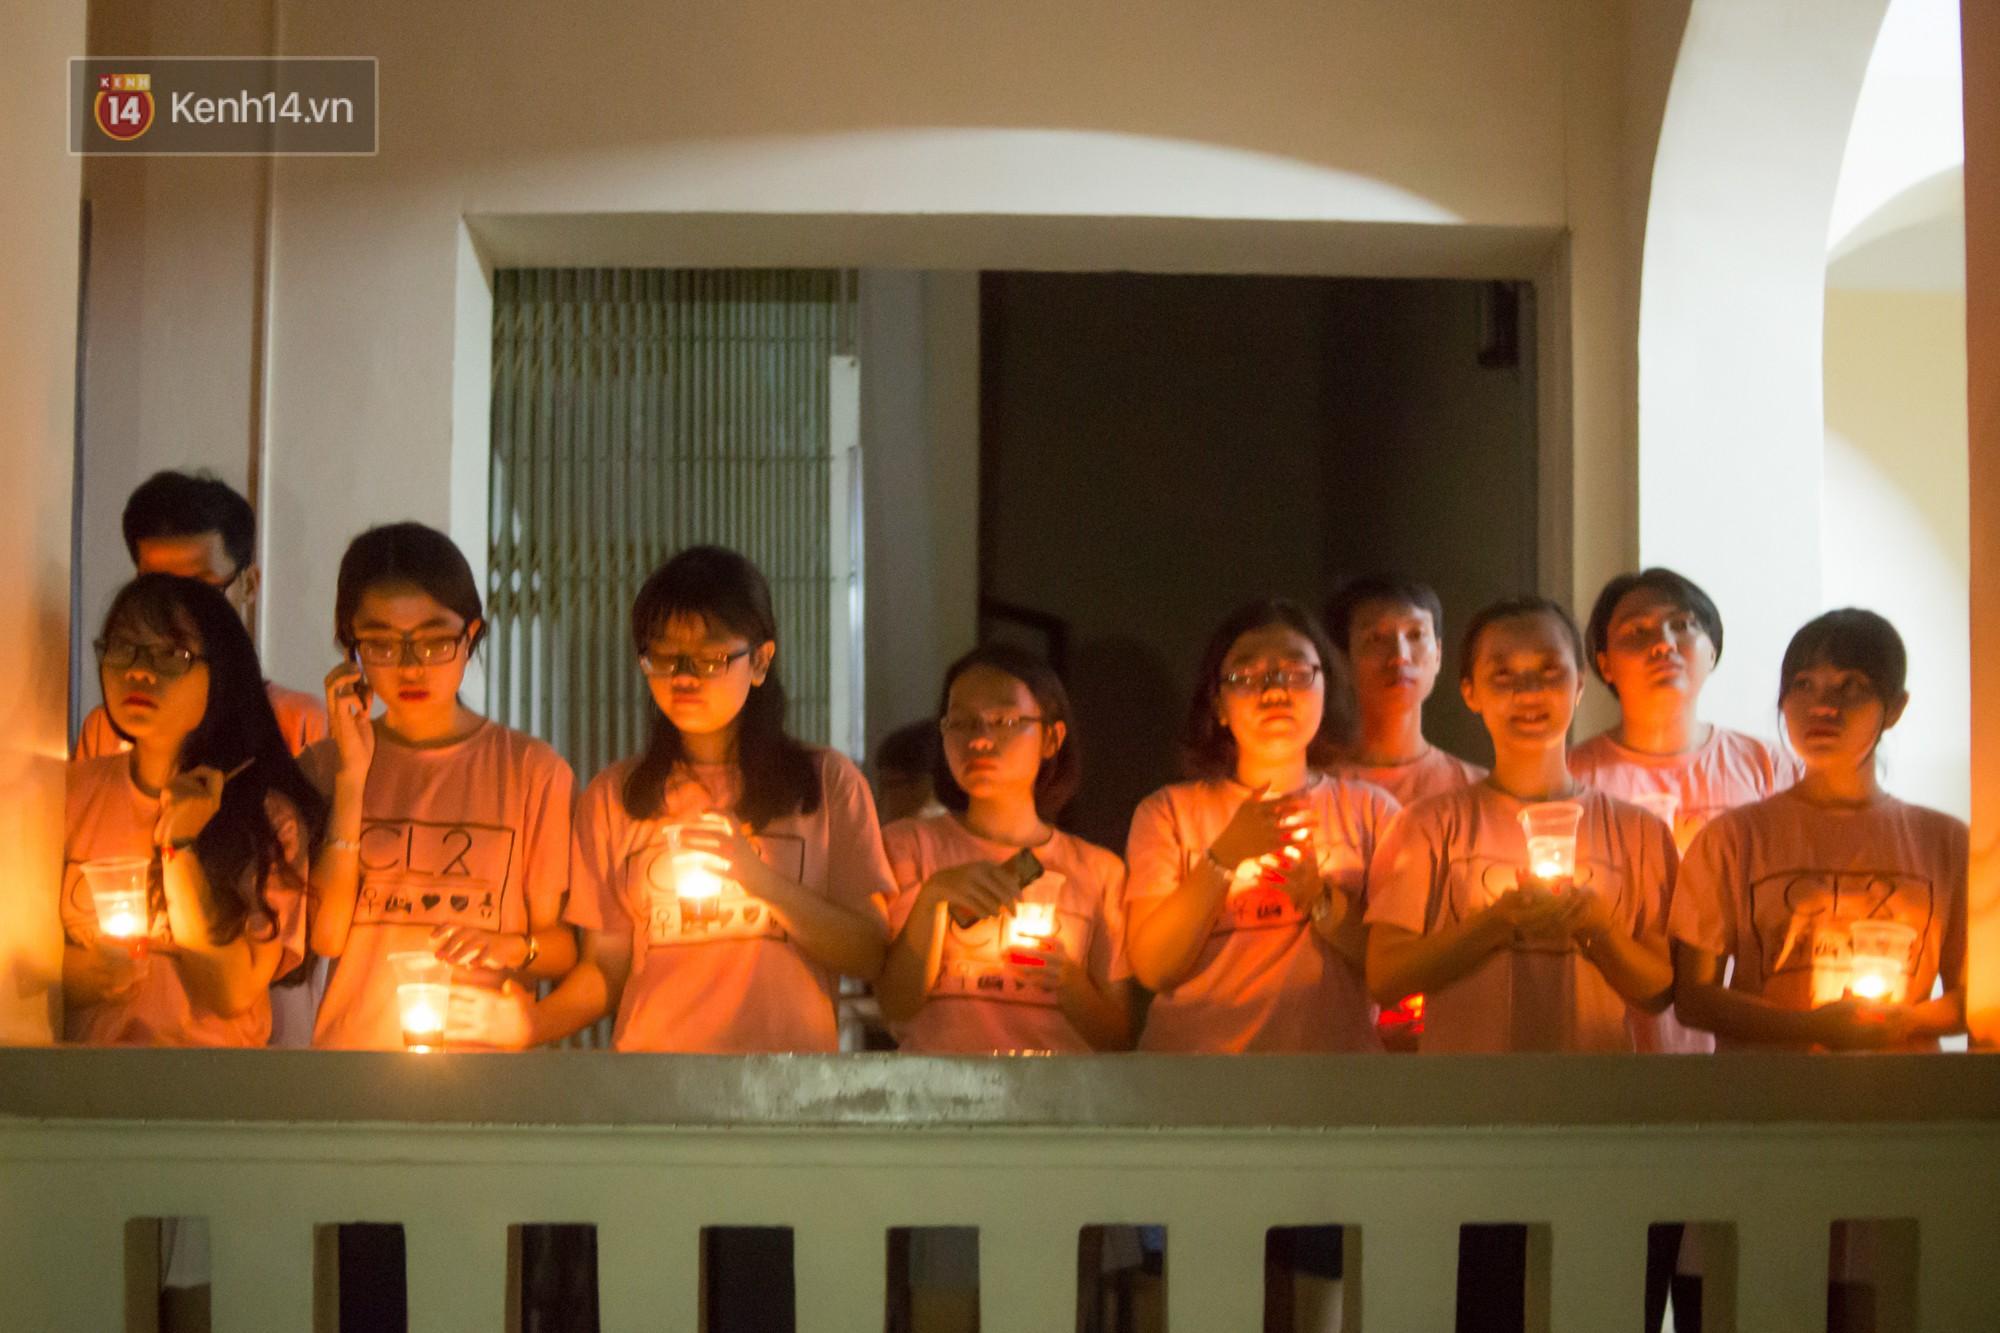 Ngày ra trường của teen Lê Hồng Phong: Nụ cười và nước mắt, bạn tôi ơi xin bên nhau thêm chút nữa! - Ảnh 18.